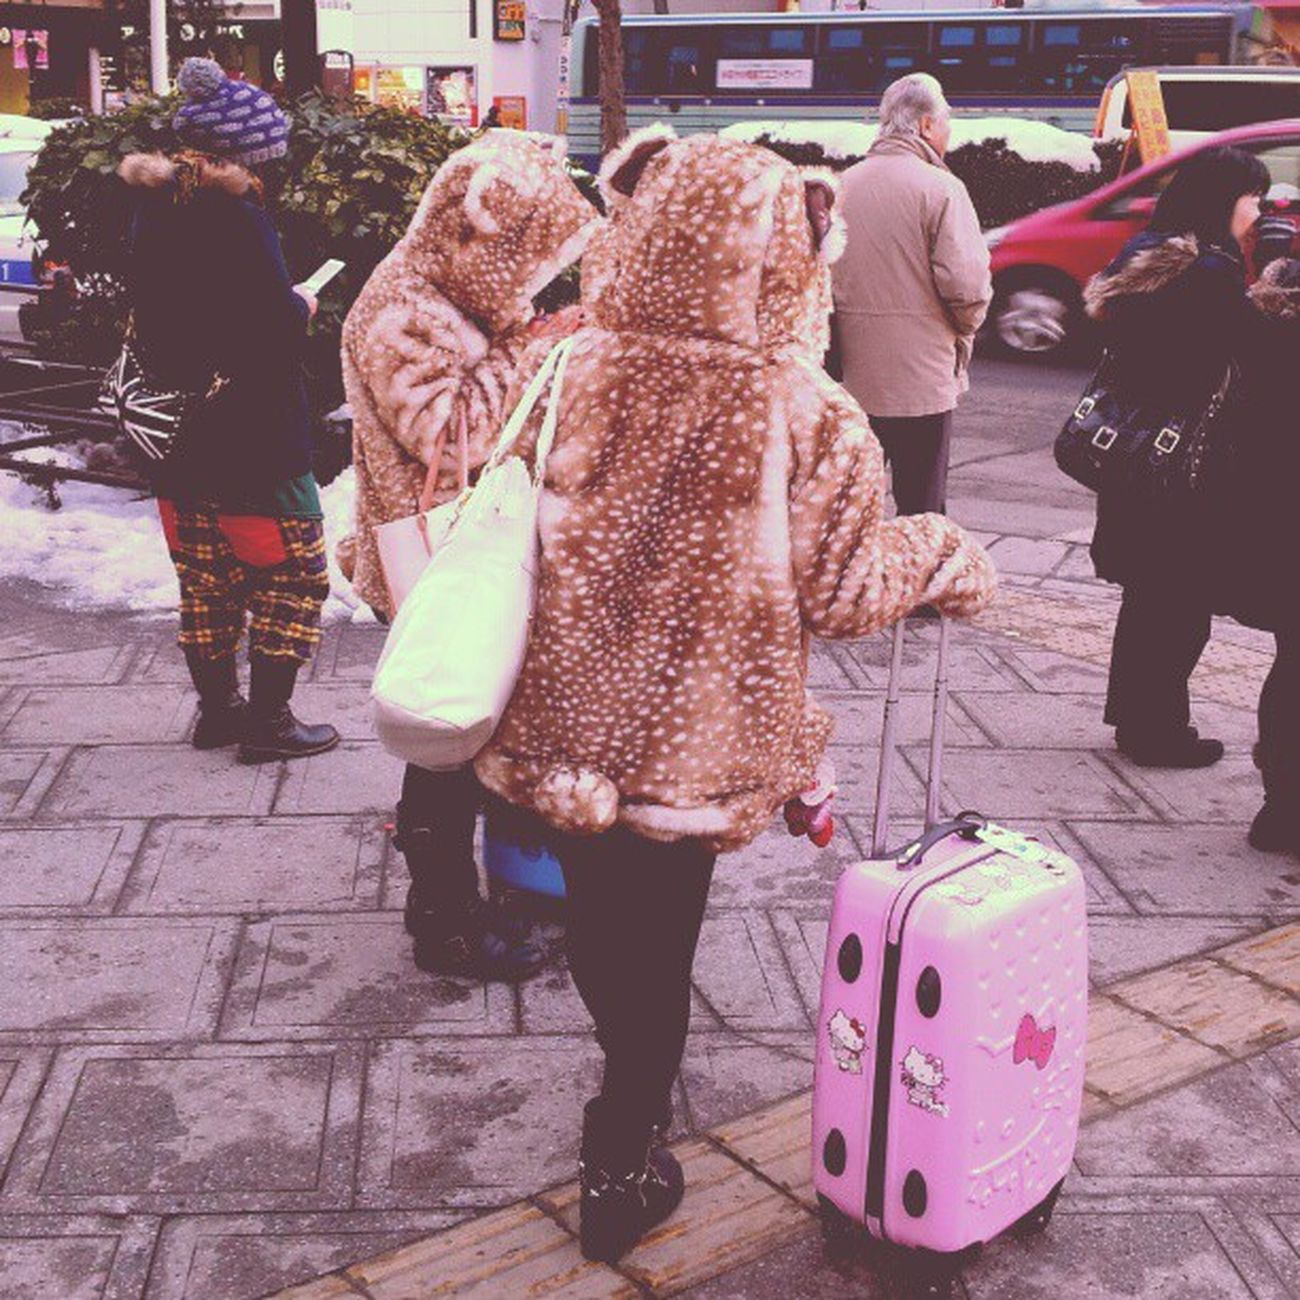 Одеваются в японии очень чудно. И все так одеваются. У всех куча брелков и цветных аксессуаров. Очень яркие. #Japan #Japangirl #style #hellokitty #kawaii Style Japan KAWAII Hellokitty Japangirl